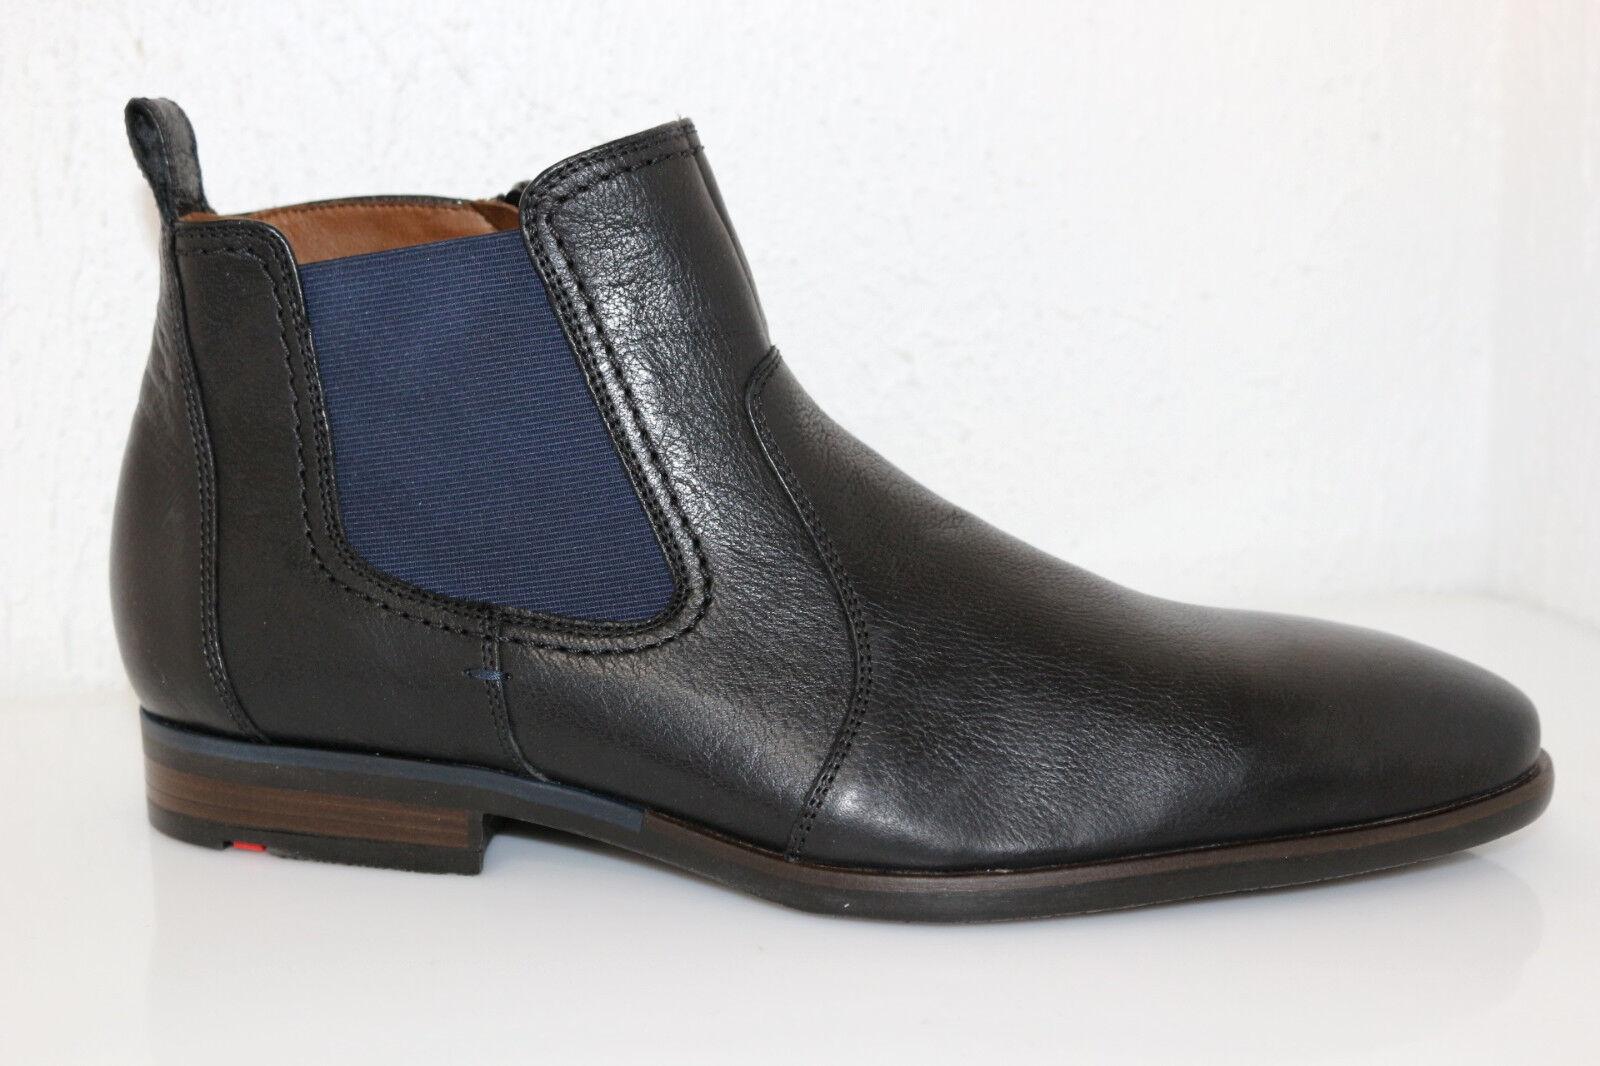 Lloyd Dylan Messieurs bottes bottes cuir noir Taille au choix  NOUVEAU